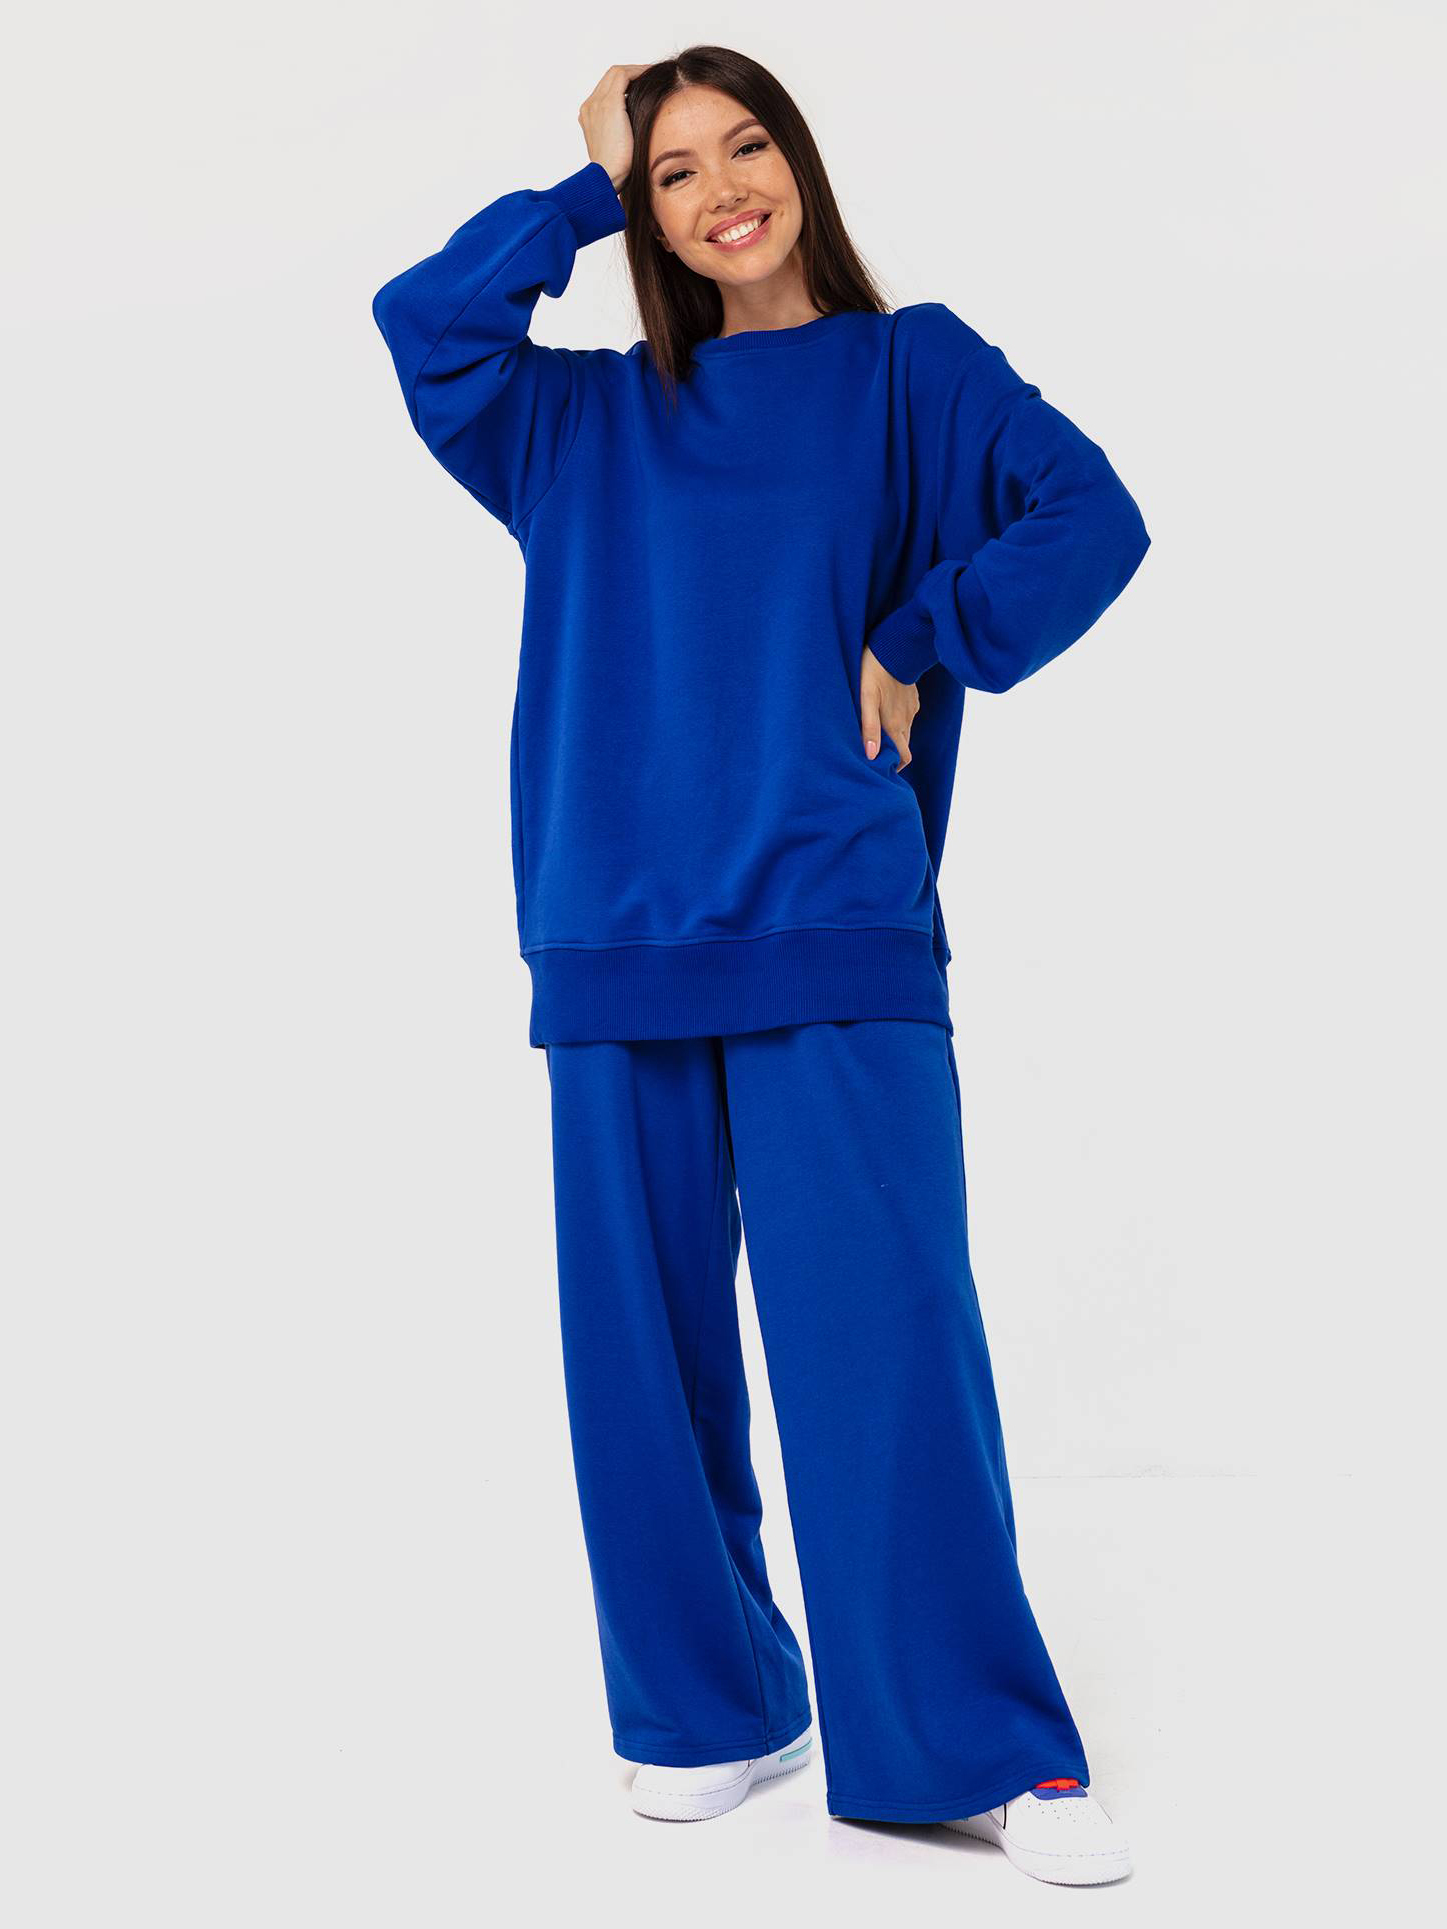 Свитшот трикотажный синий YOS от украинского бренда Your Own Style